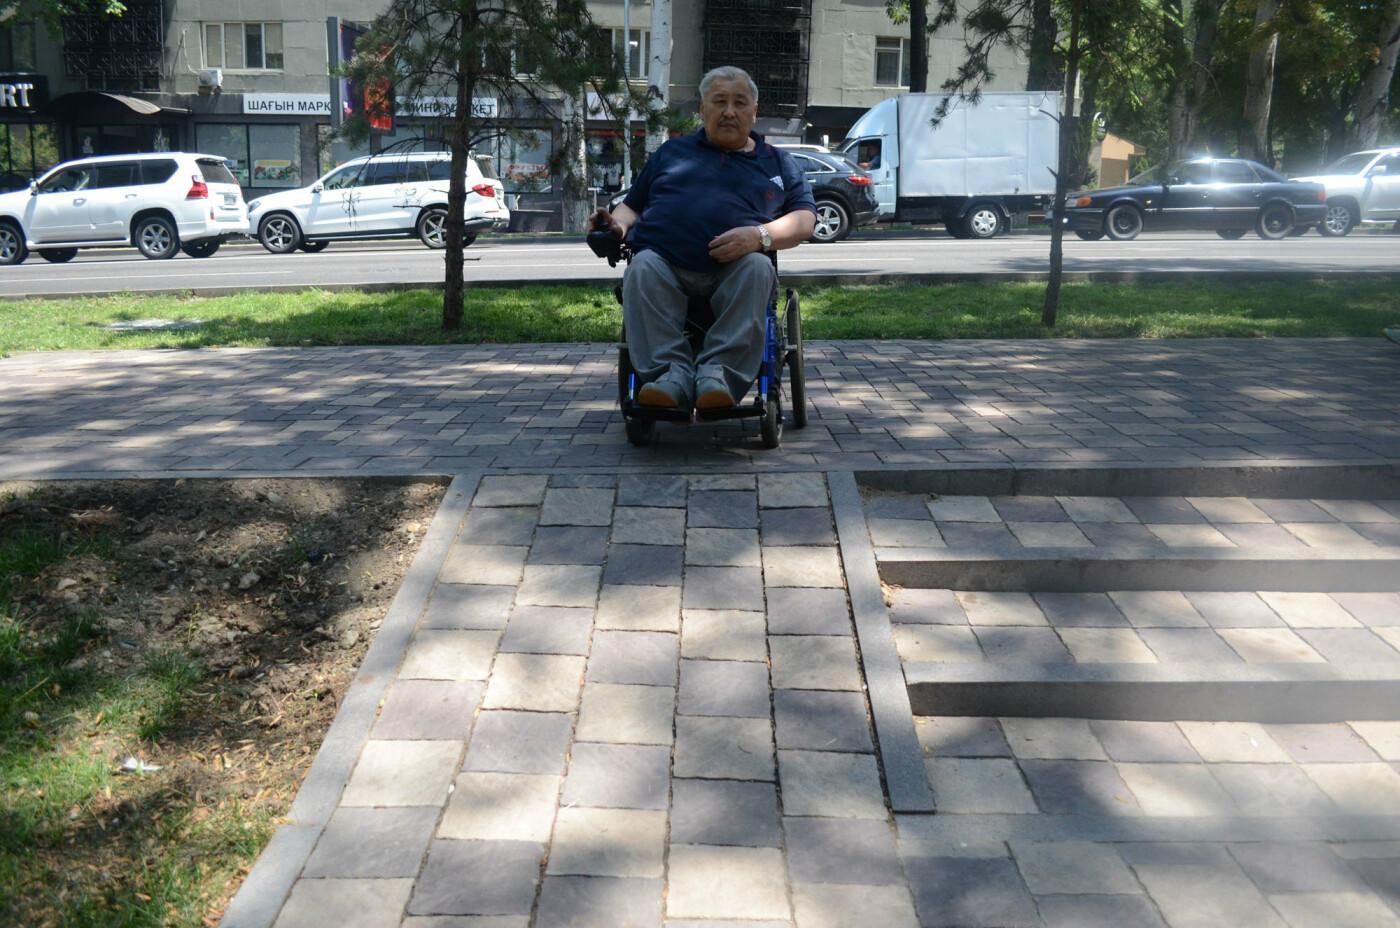 Улицы Алматы враждебны к инвалидам - оценка мониторинга Общественного совета, фото-3